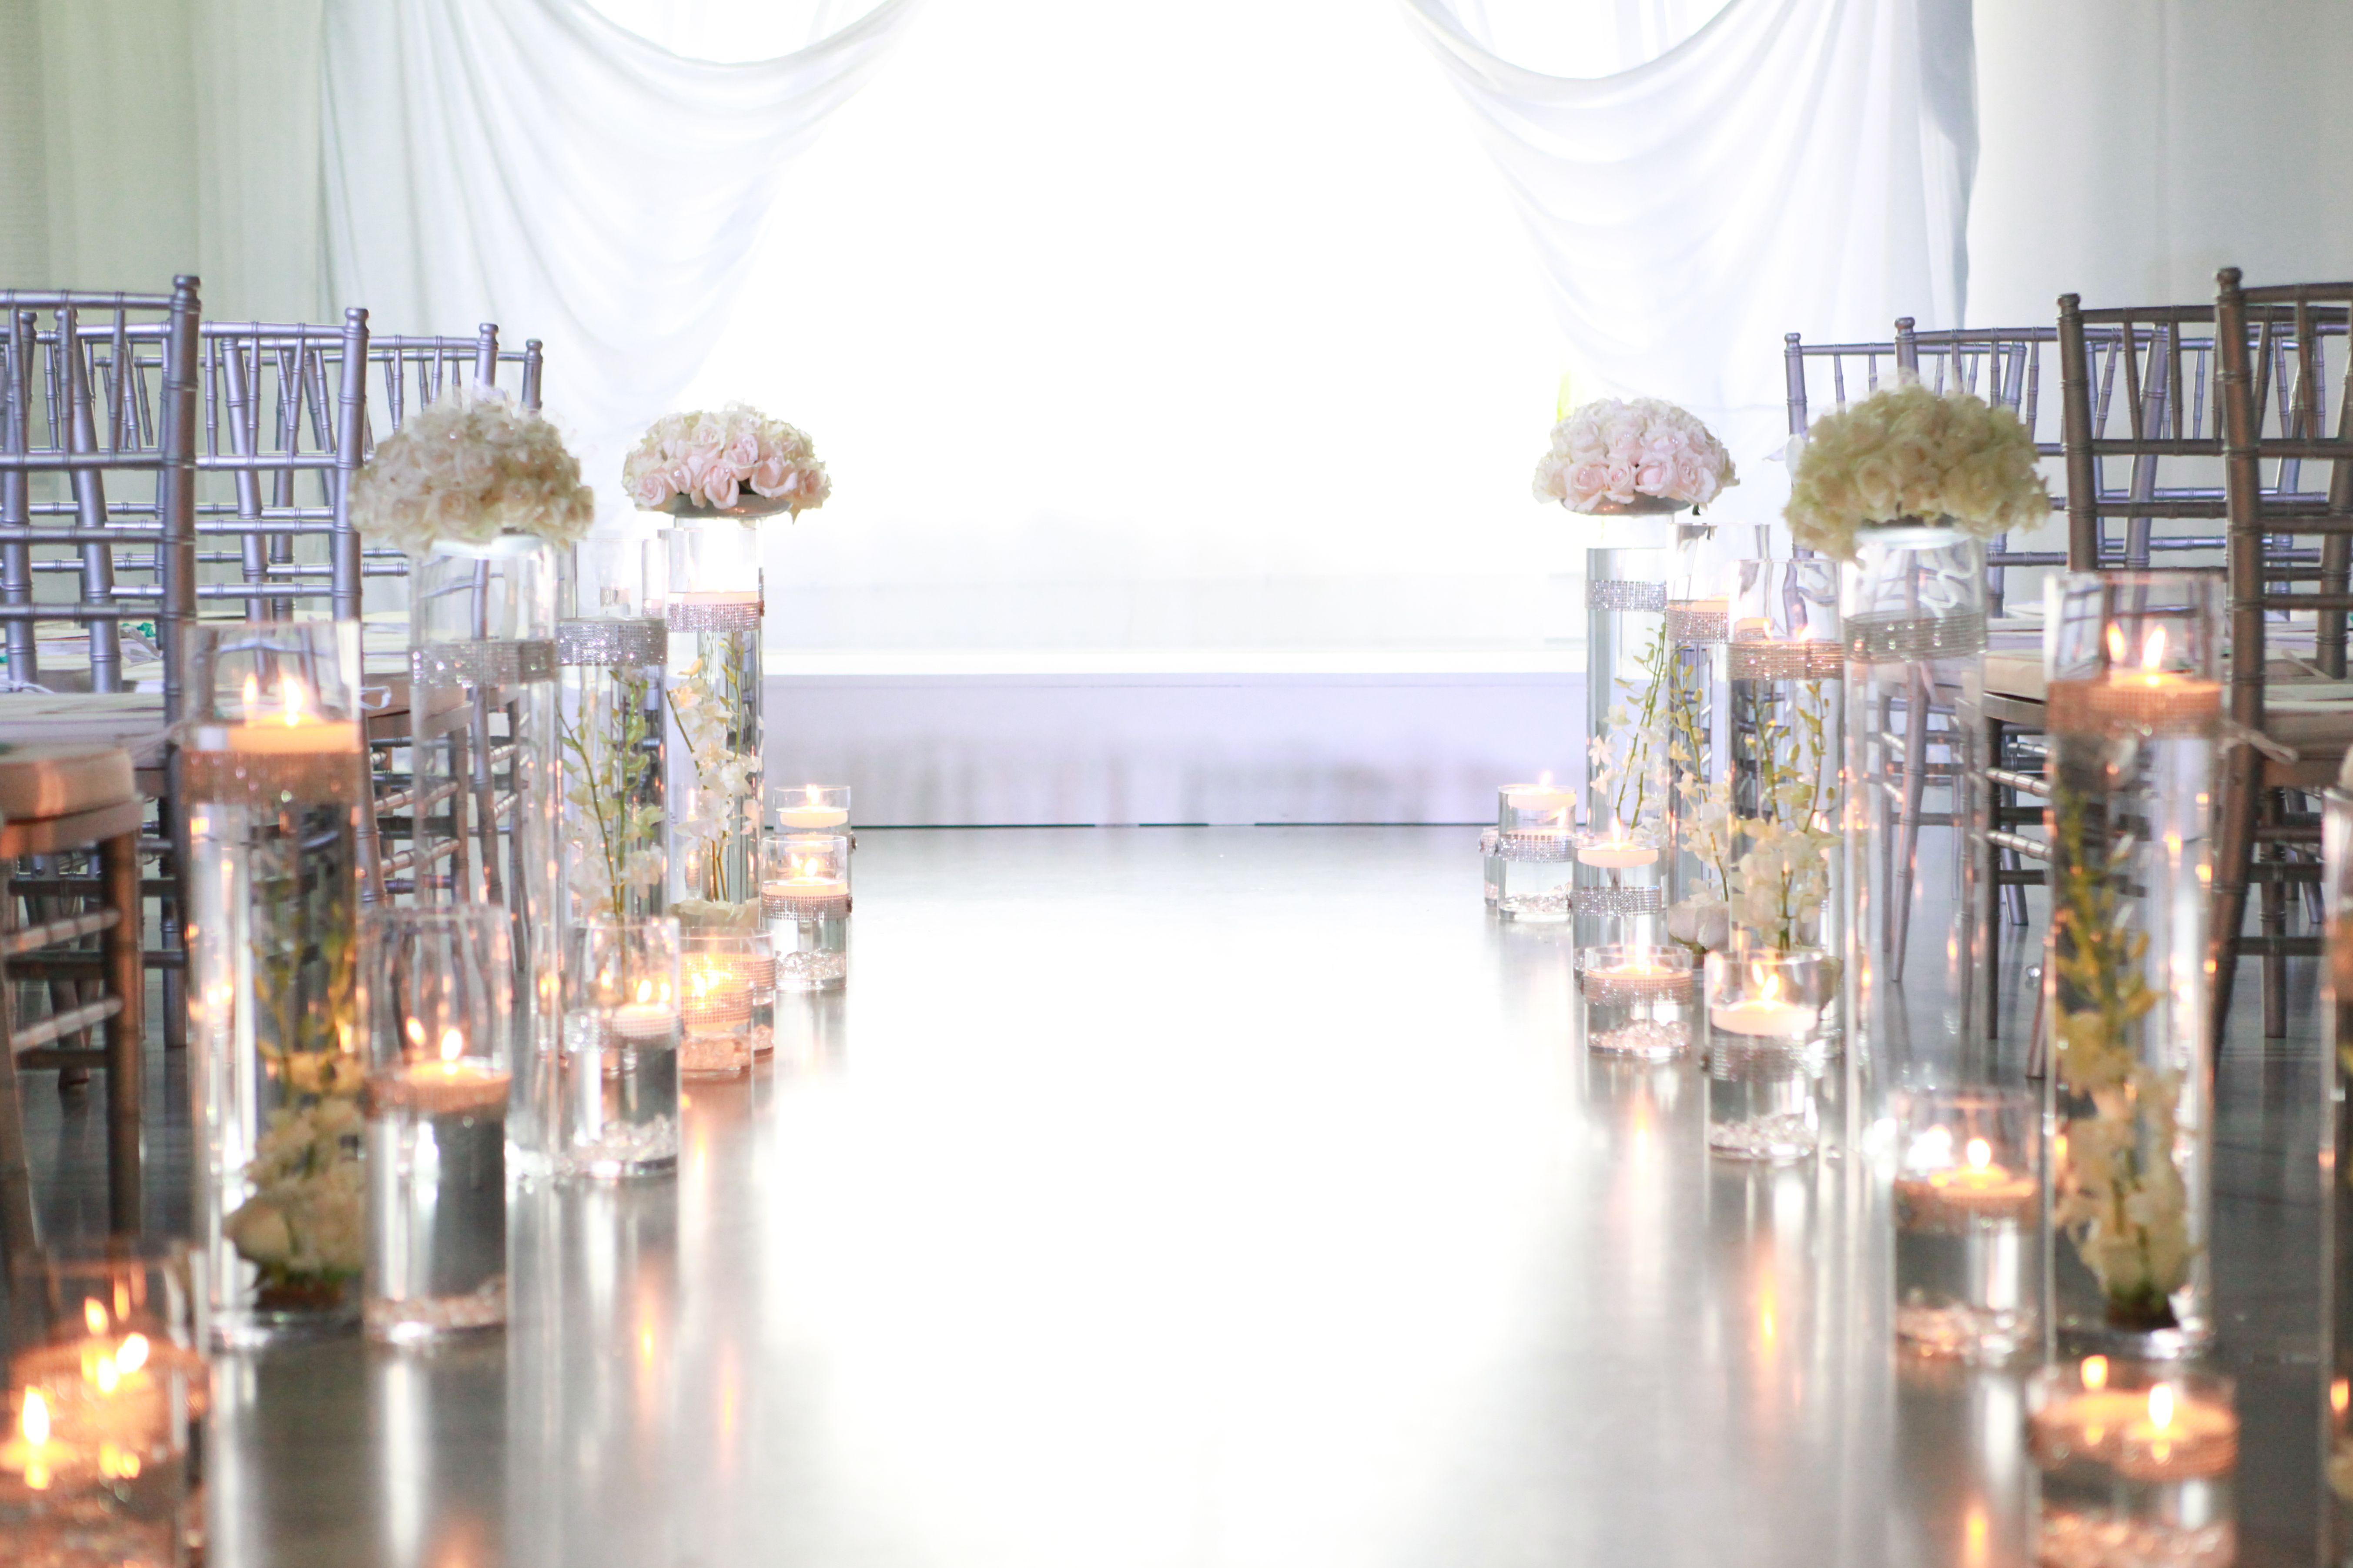 Ipw Reception Corporate Event Photographyorlando Wedding: Beautifully Lit Aisle #ceremony #weddings